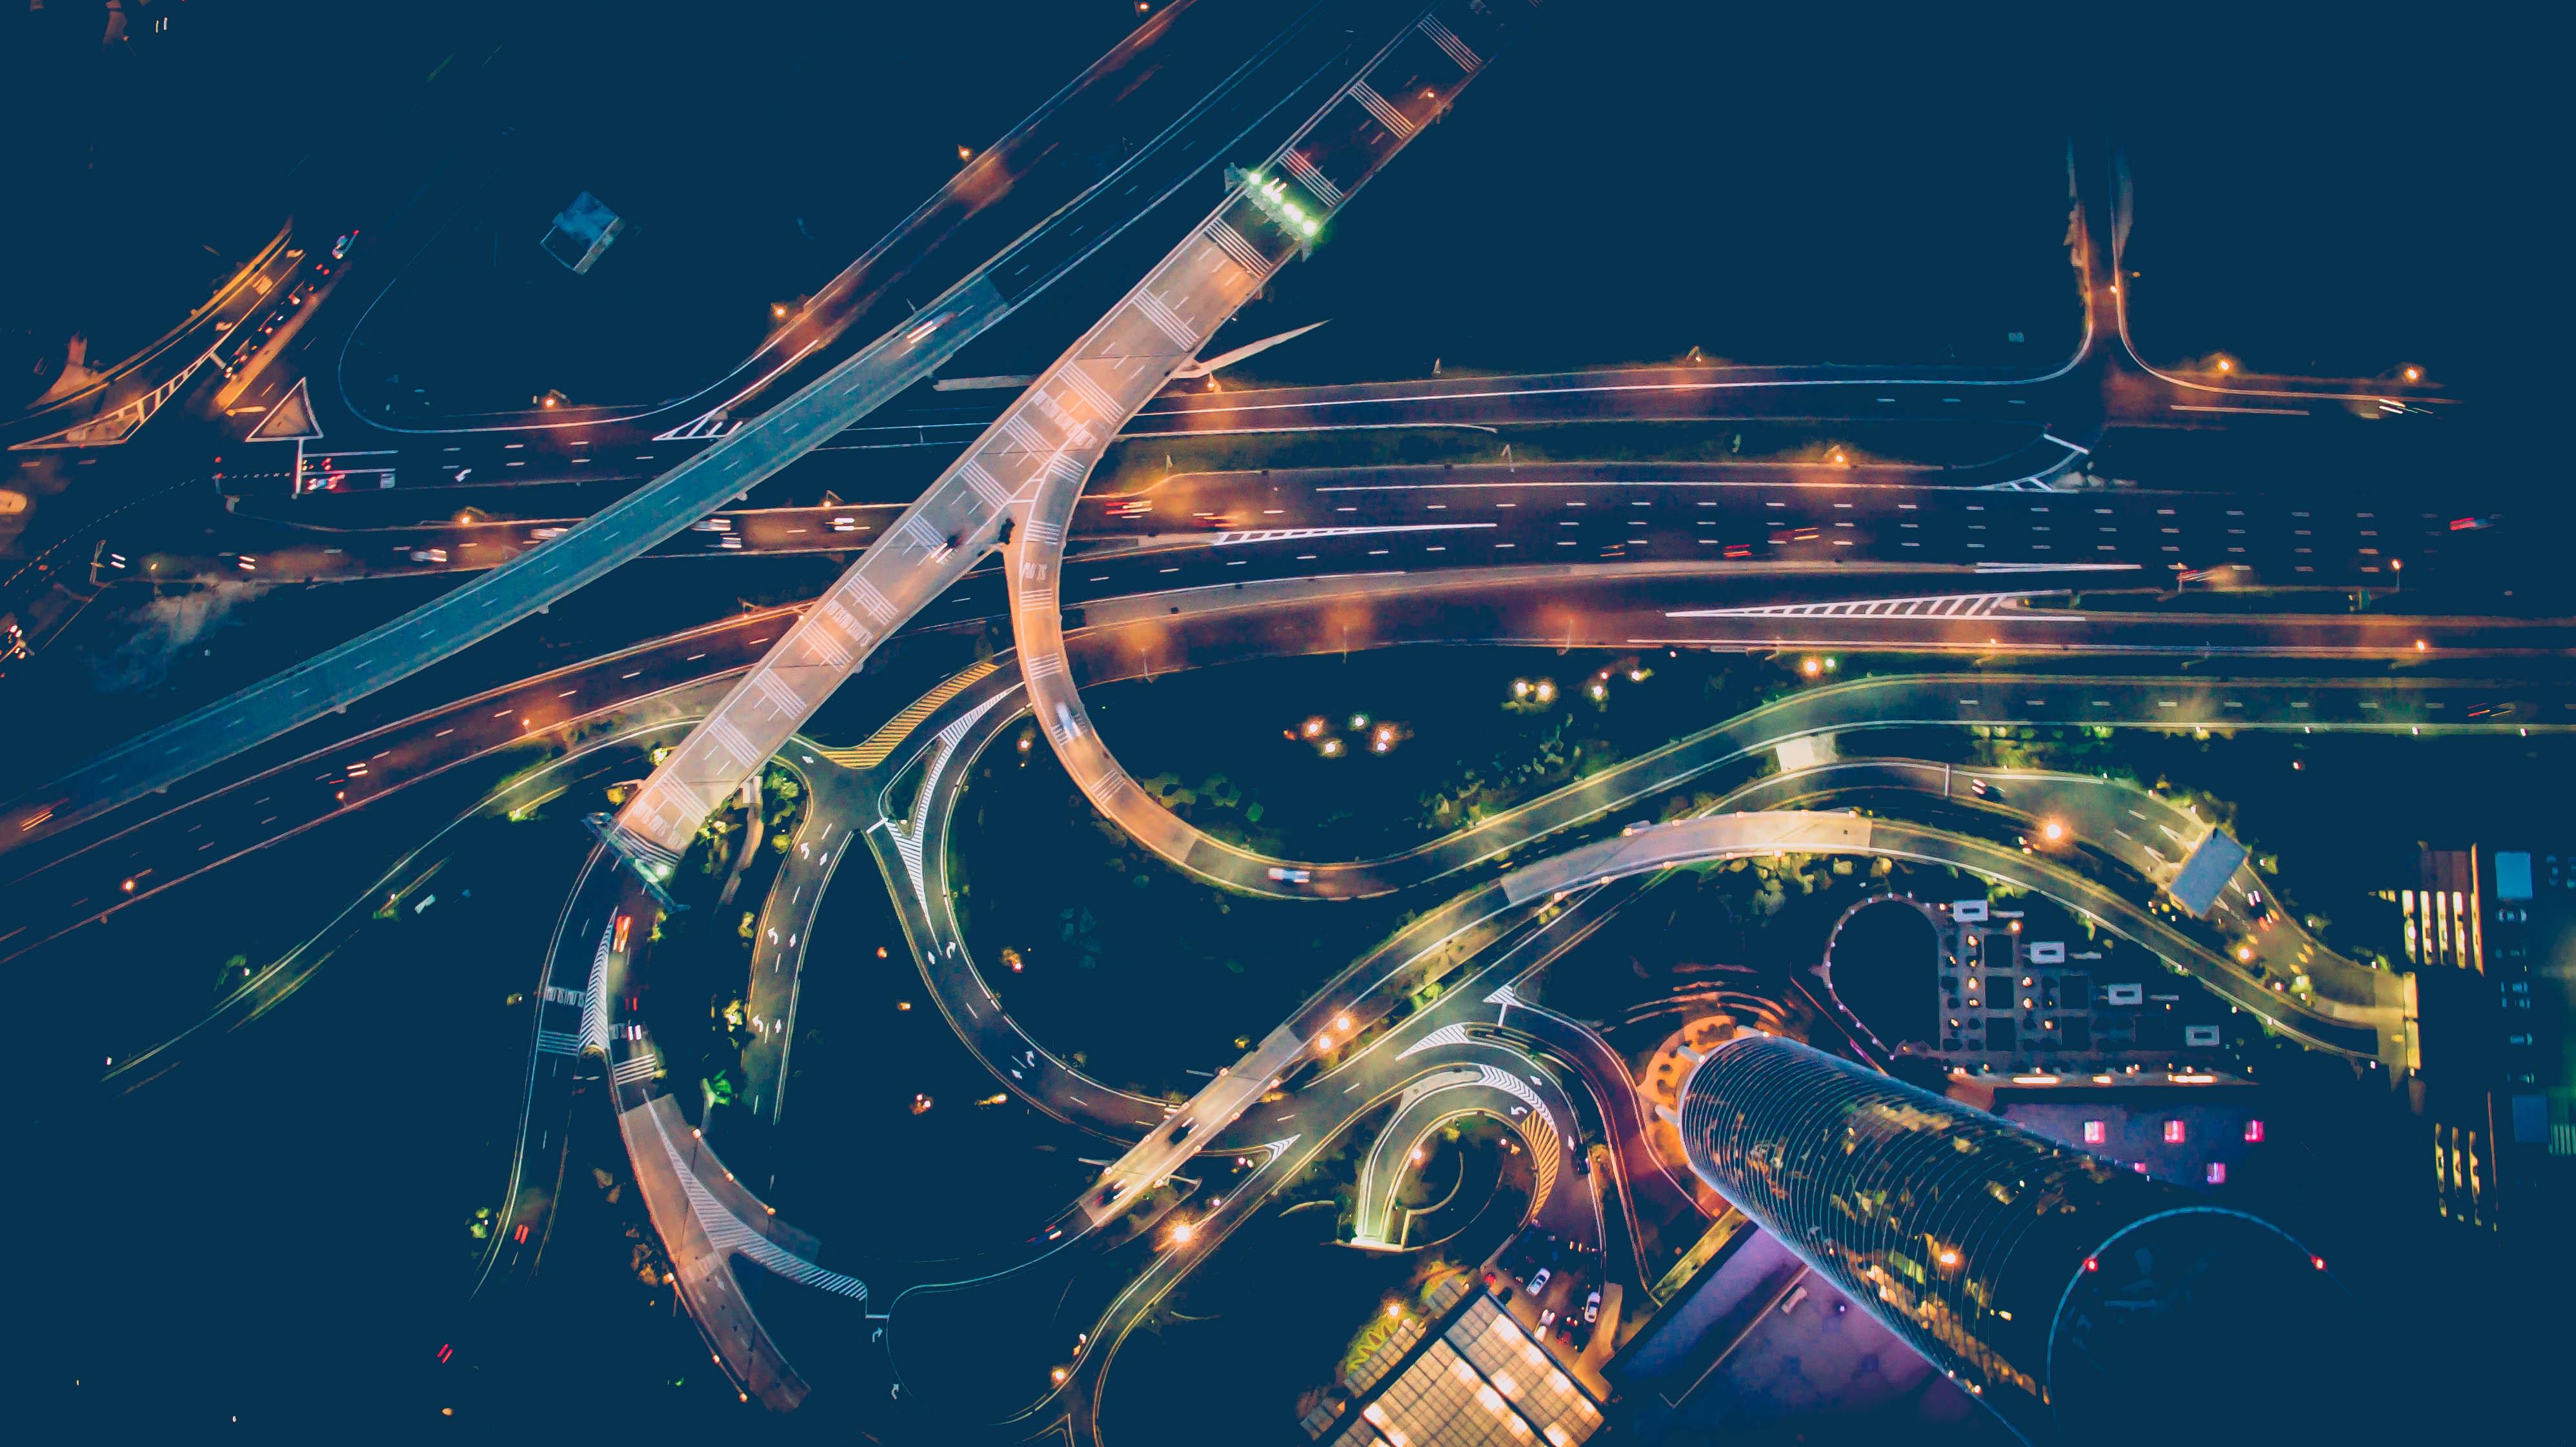 pexels-photo-177625_smart cities1